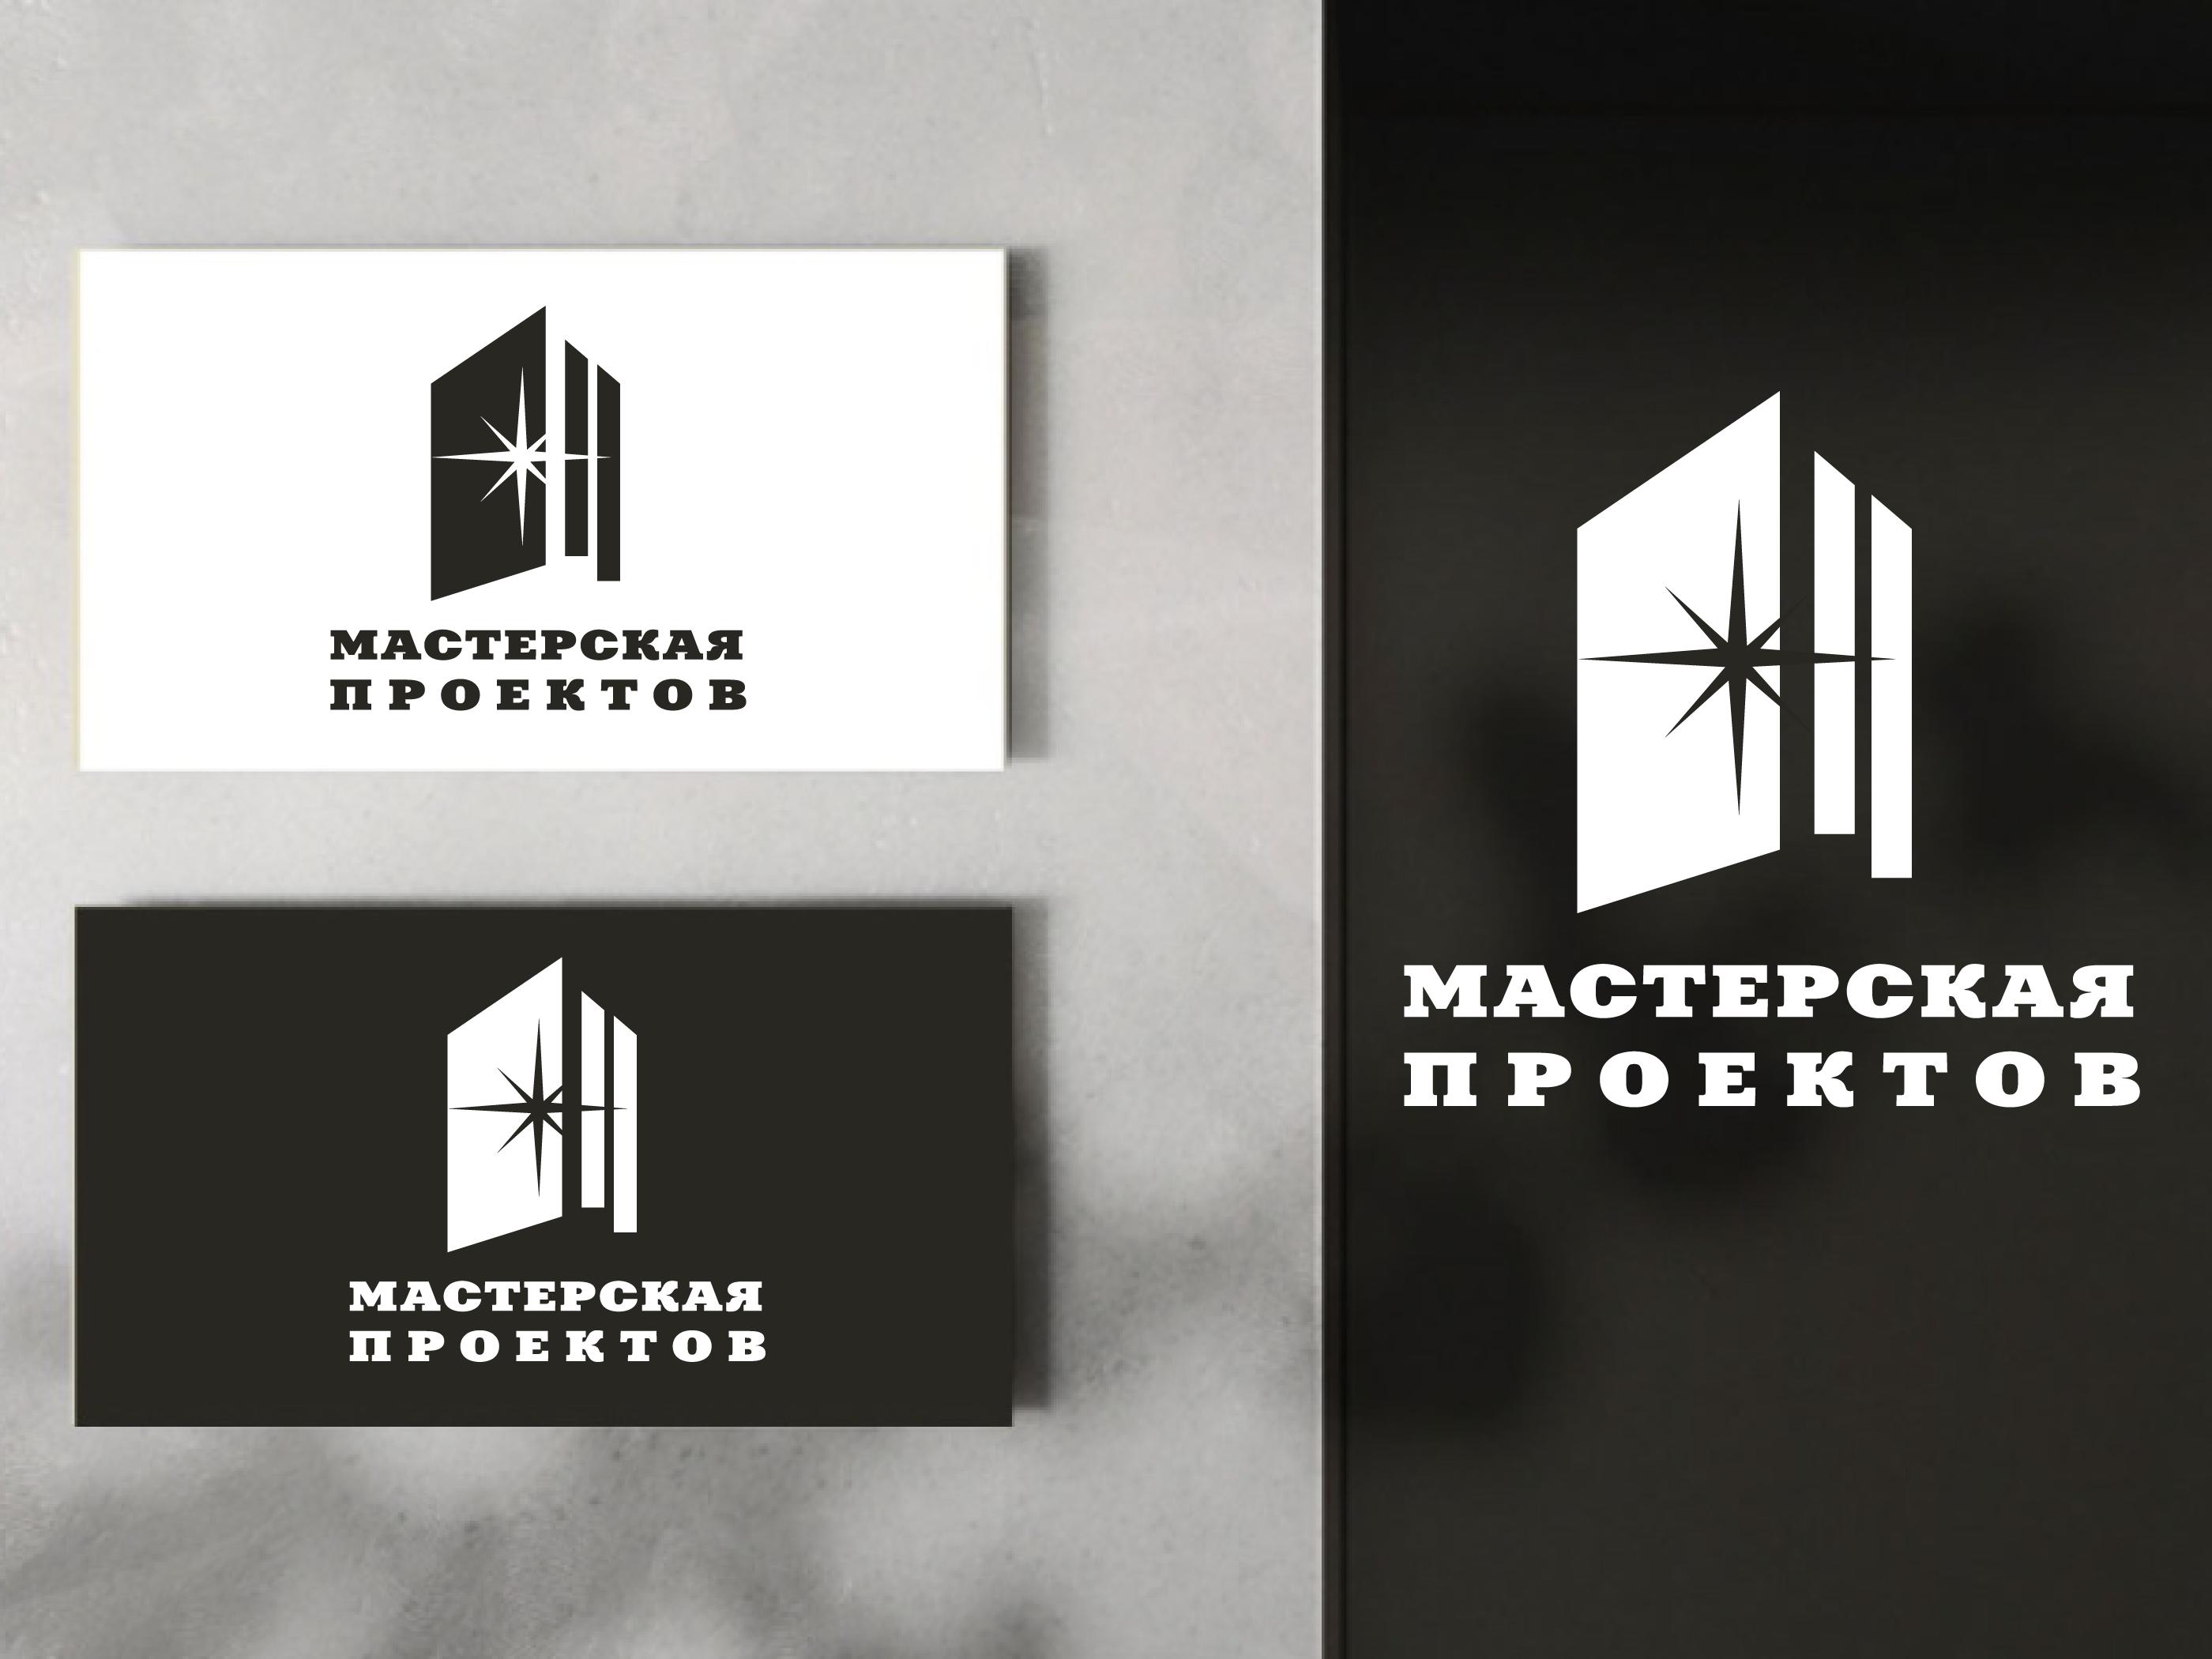 Разработка логотипа строительно-мебельного проекта (см. опис фото f_980606eaf1517eac.png